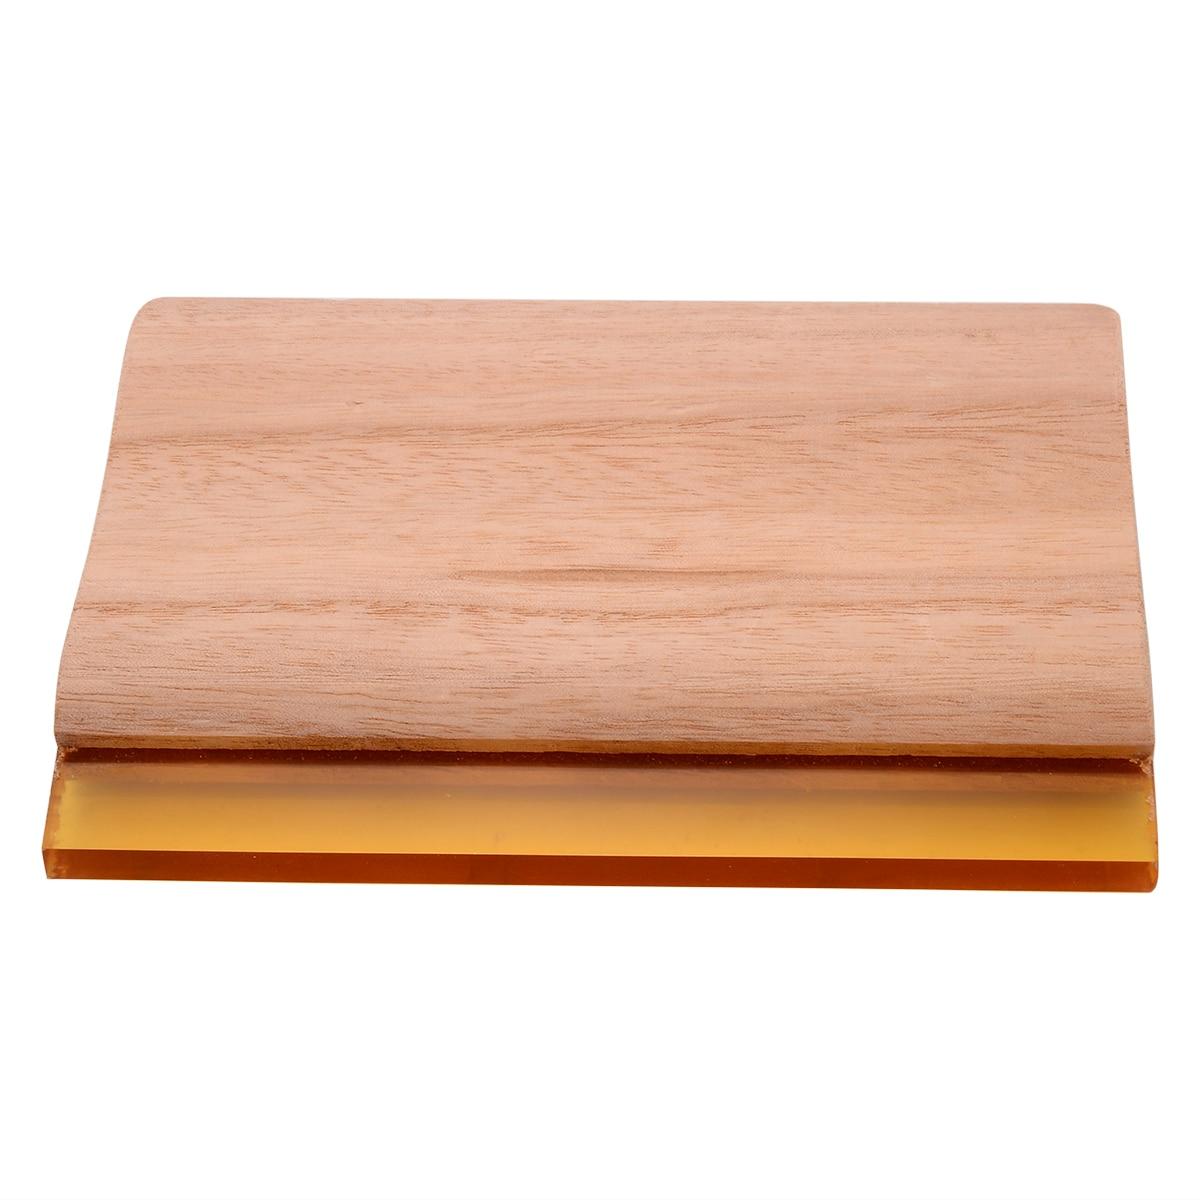 6 pulgadas de longitud Serigrafía Escurridor Mango de madera Seda - Piezas para maquinas de carpinteria - foto 2